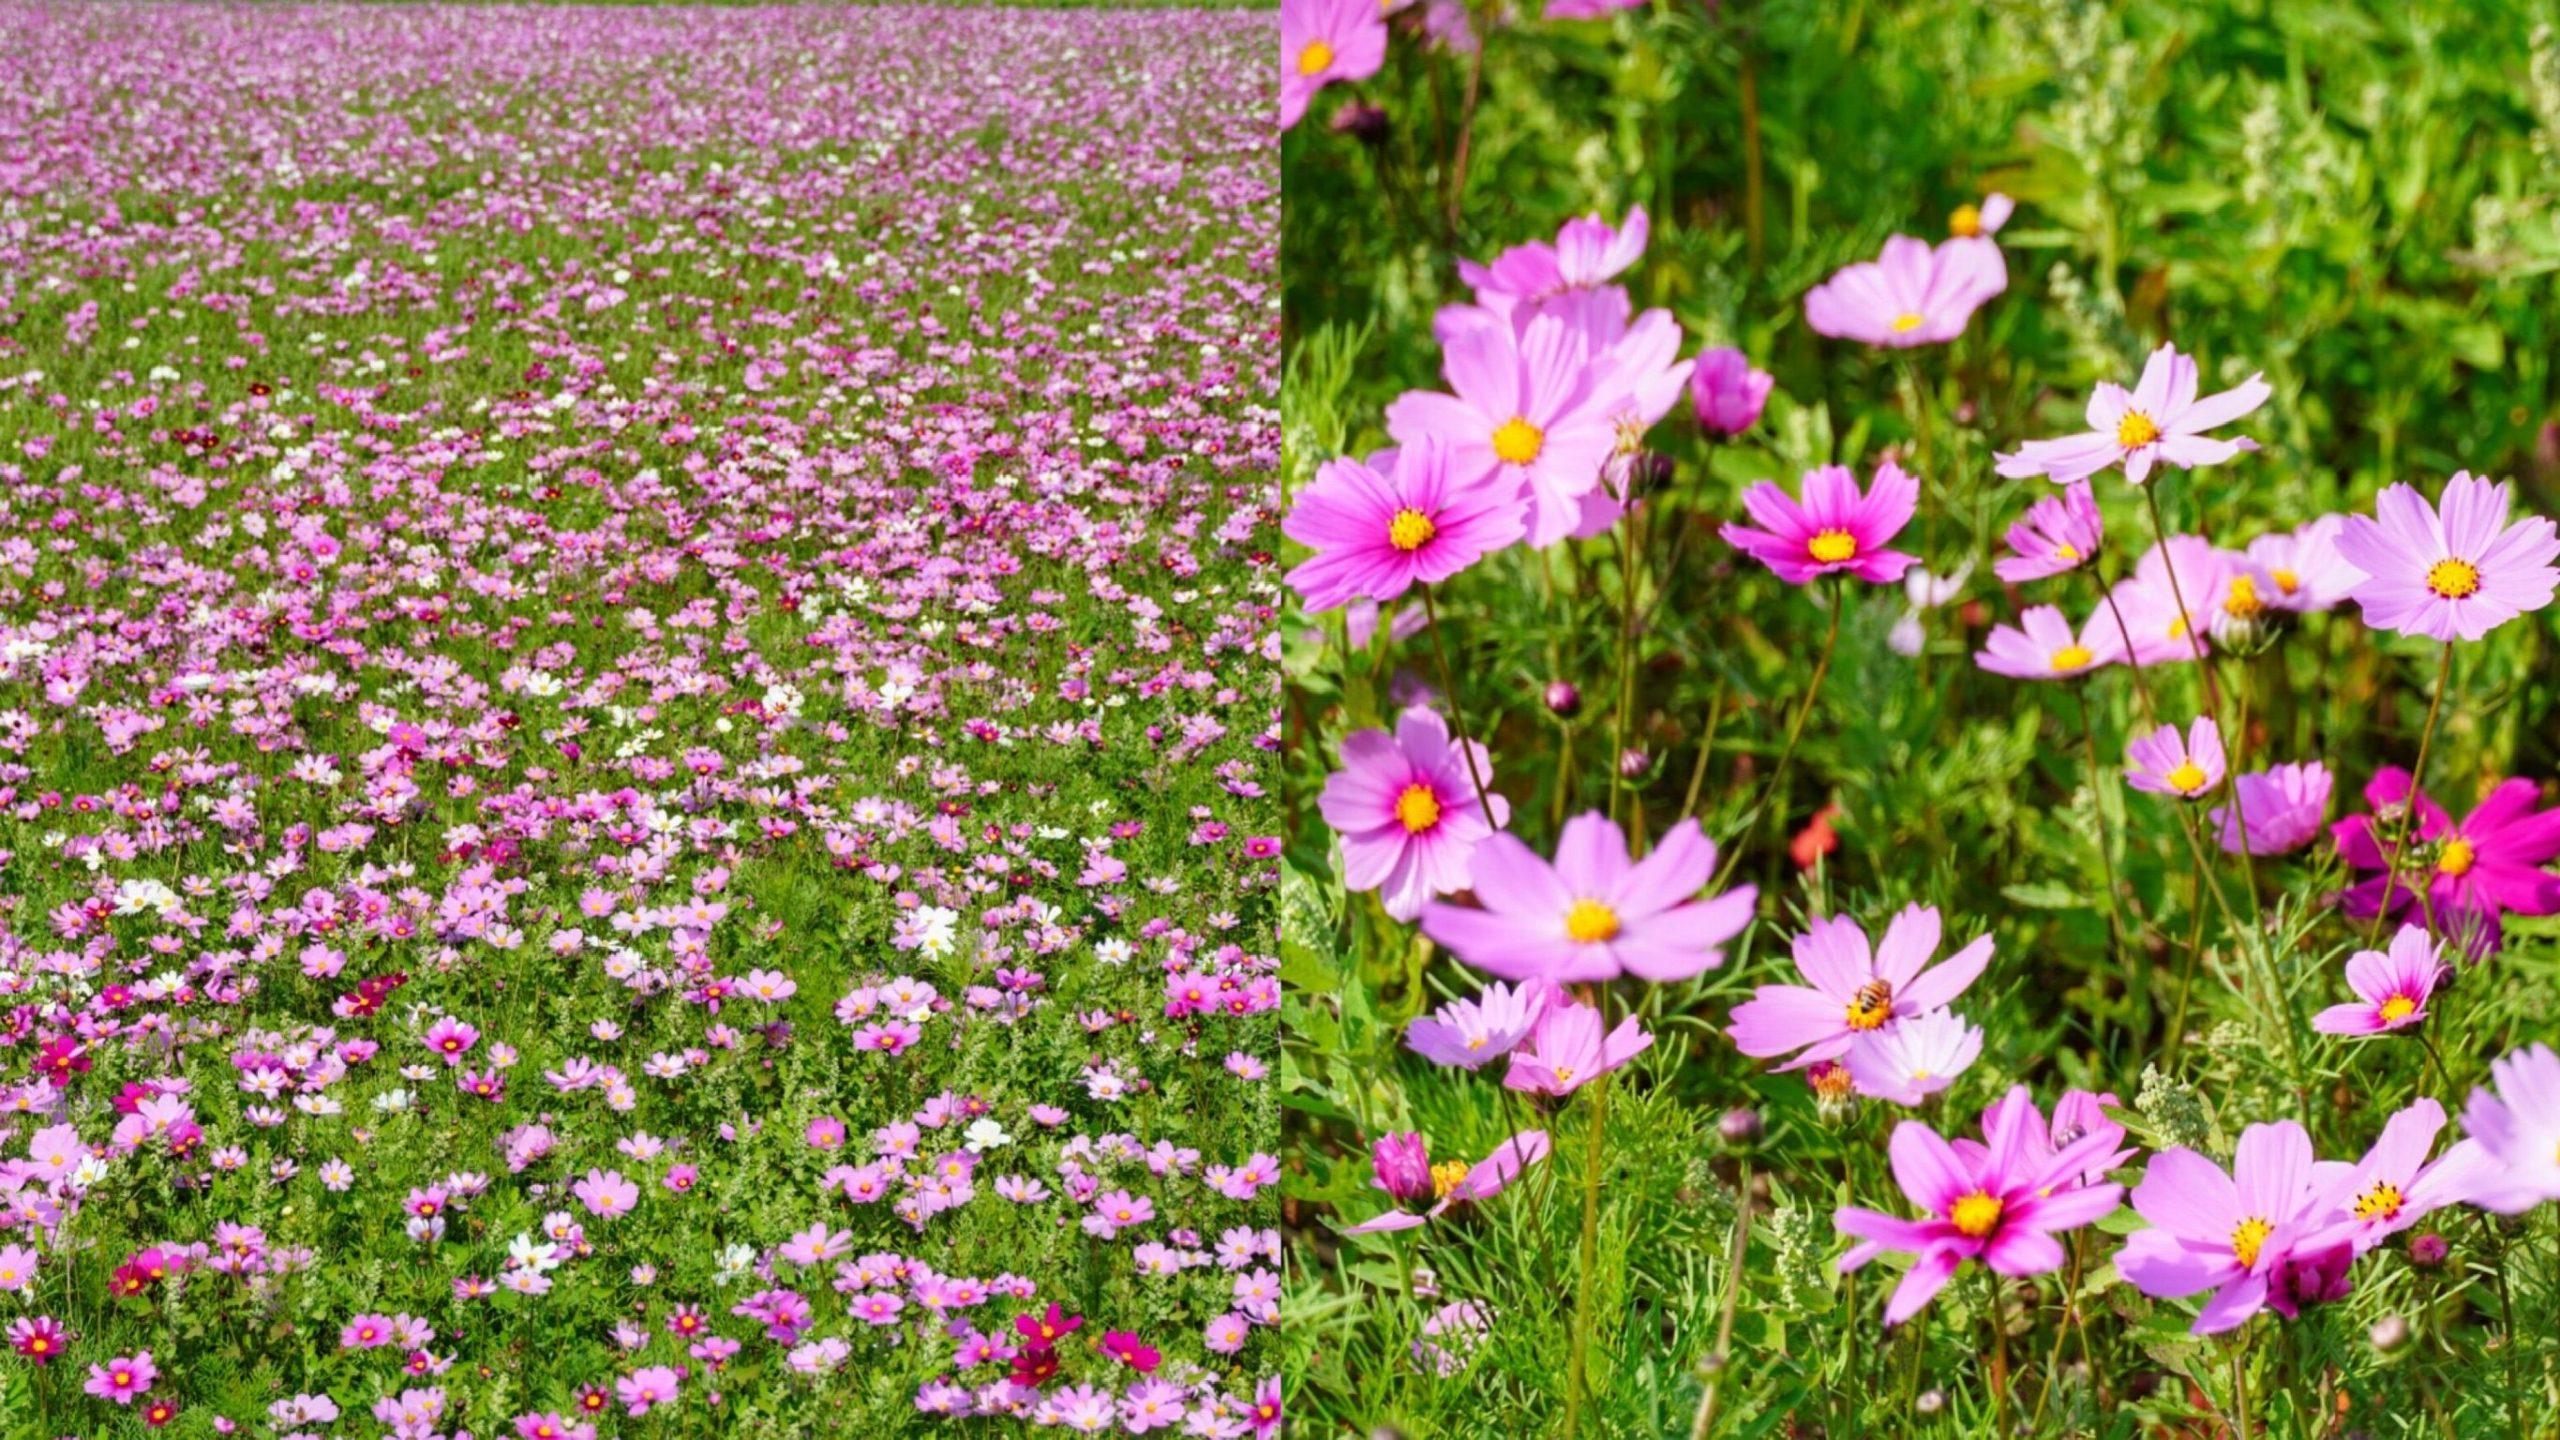 【2021嘉義太保花海節】粉白色波斯菊超美花海!浪漫滿分的拍照景點|嘉義景點